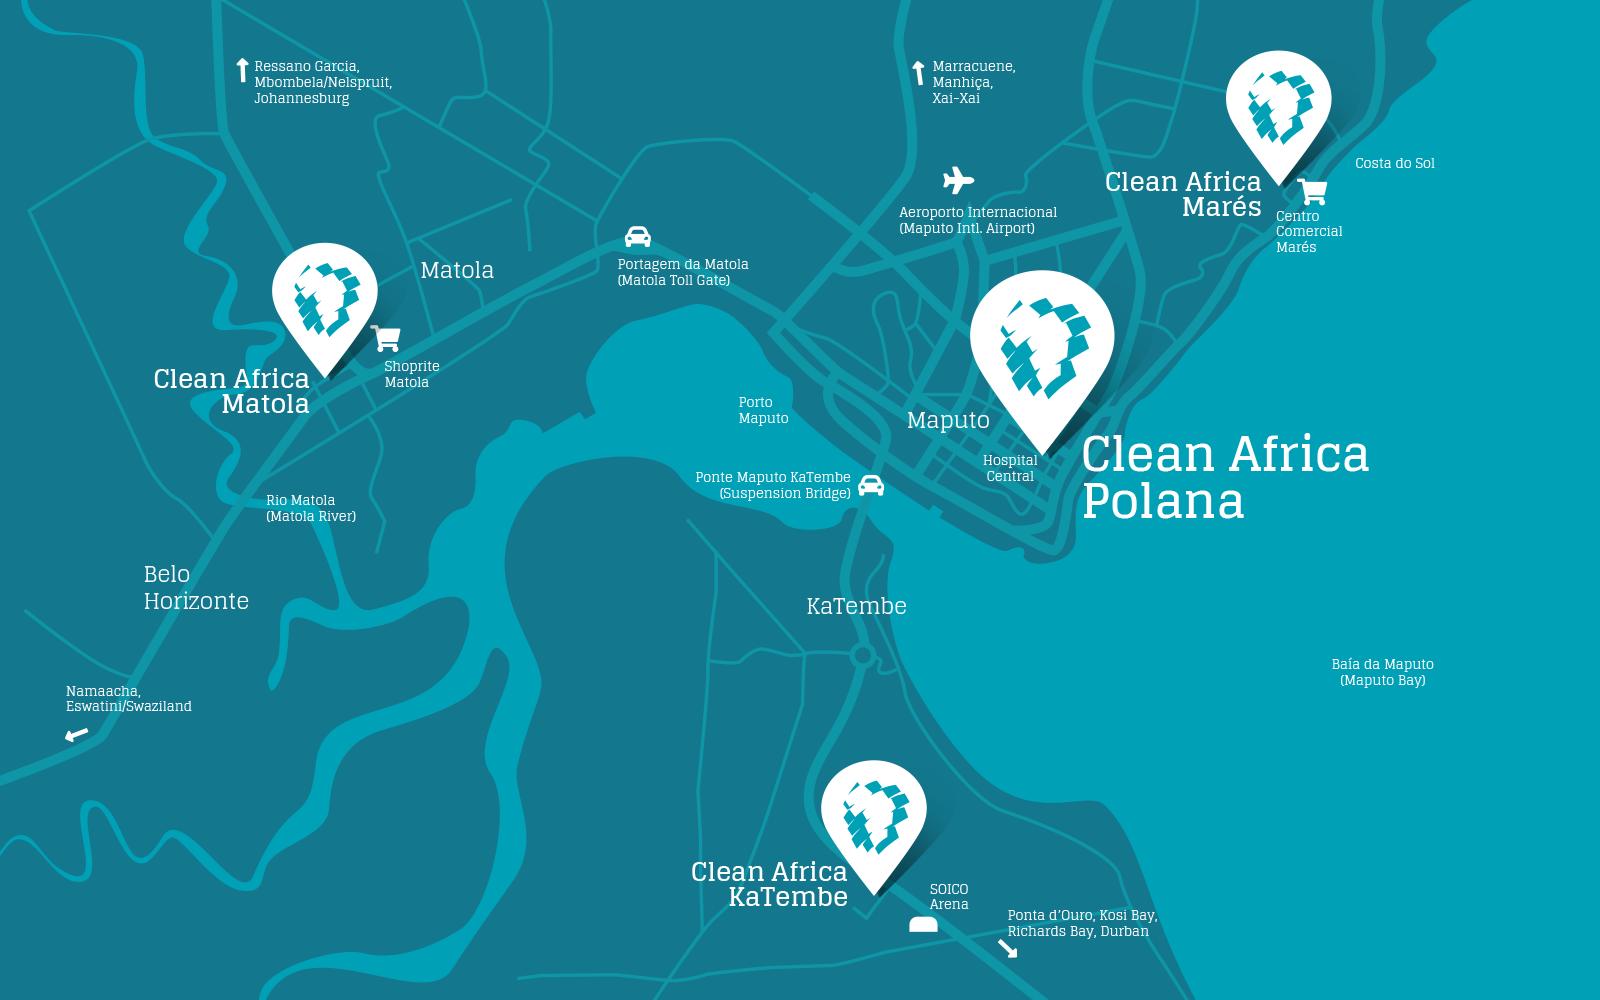 Clean Africa Localization Map